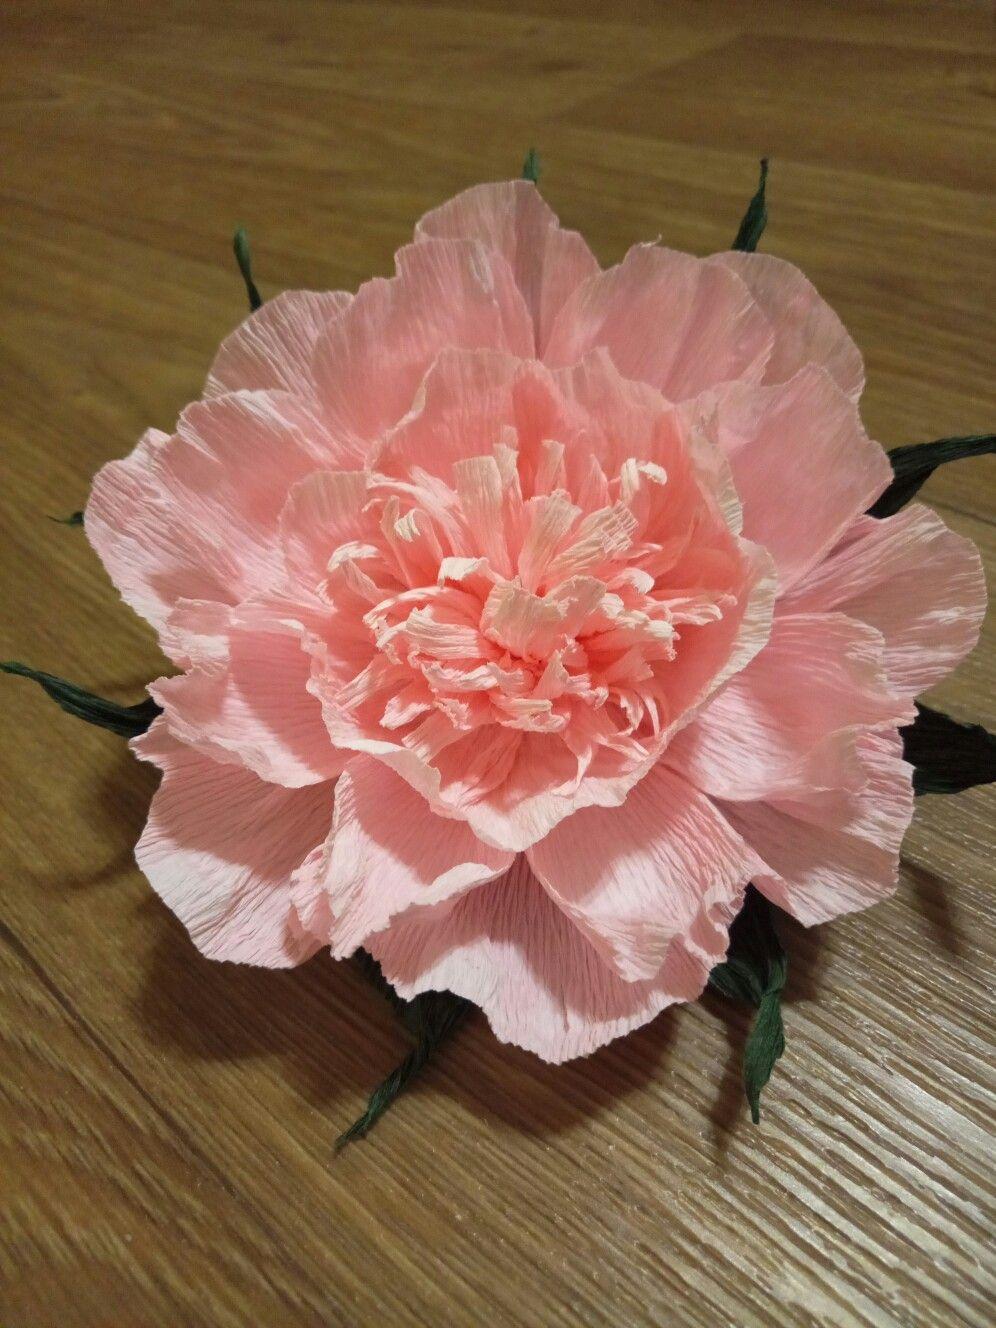 Цветы из бумаги. 🍧🍧🍧 | Цветы, Бумага, Розы